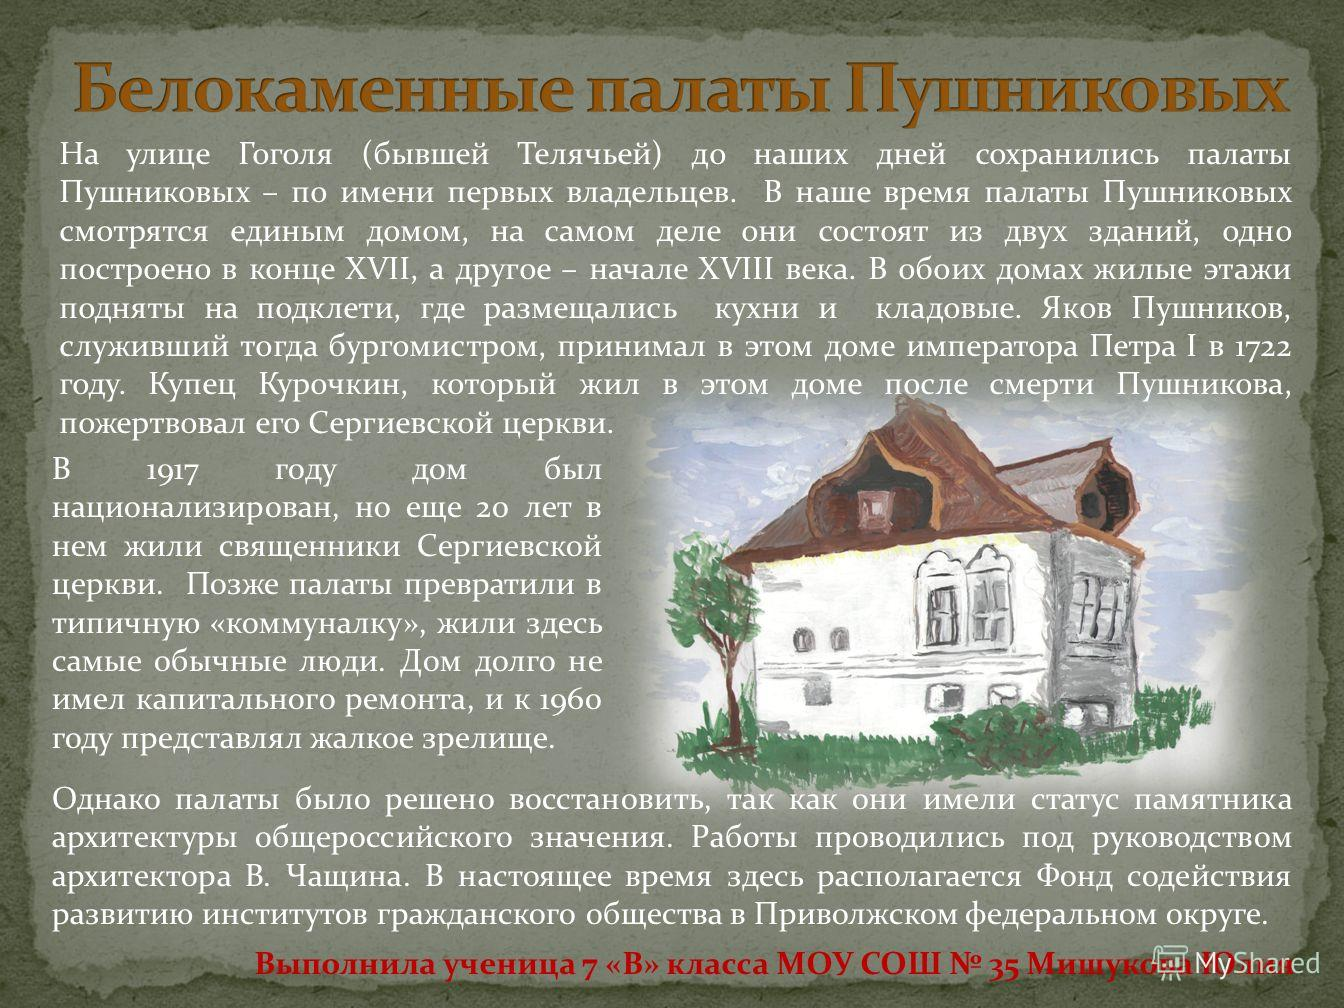 На улице Гоголя (бывшей Телячьей) до наших дней сохранились палаты Пушниковых – по имени первых владельцев. В наше время палаты Пушниковых смотрятся единым домом, на самом деле они состоят из двух зданий, одно построено в конце XVII, а другое – начал